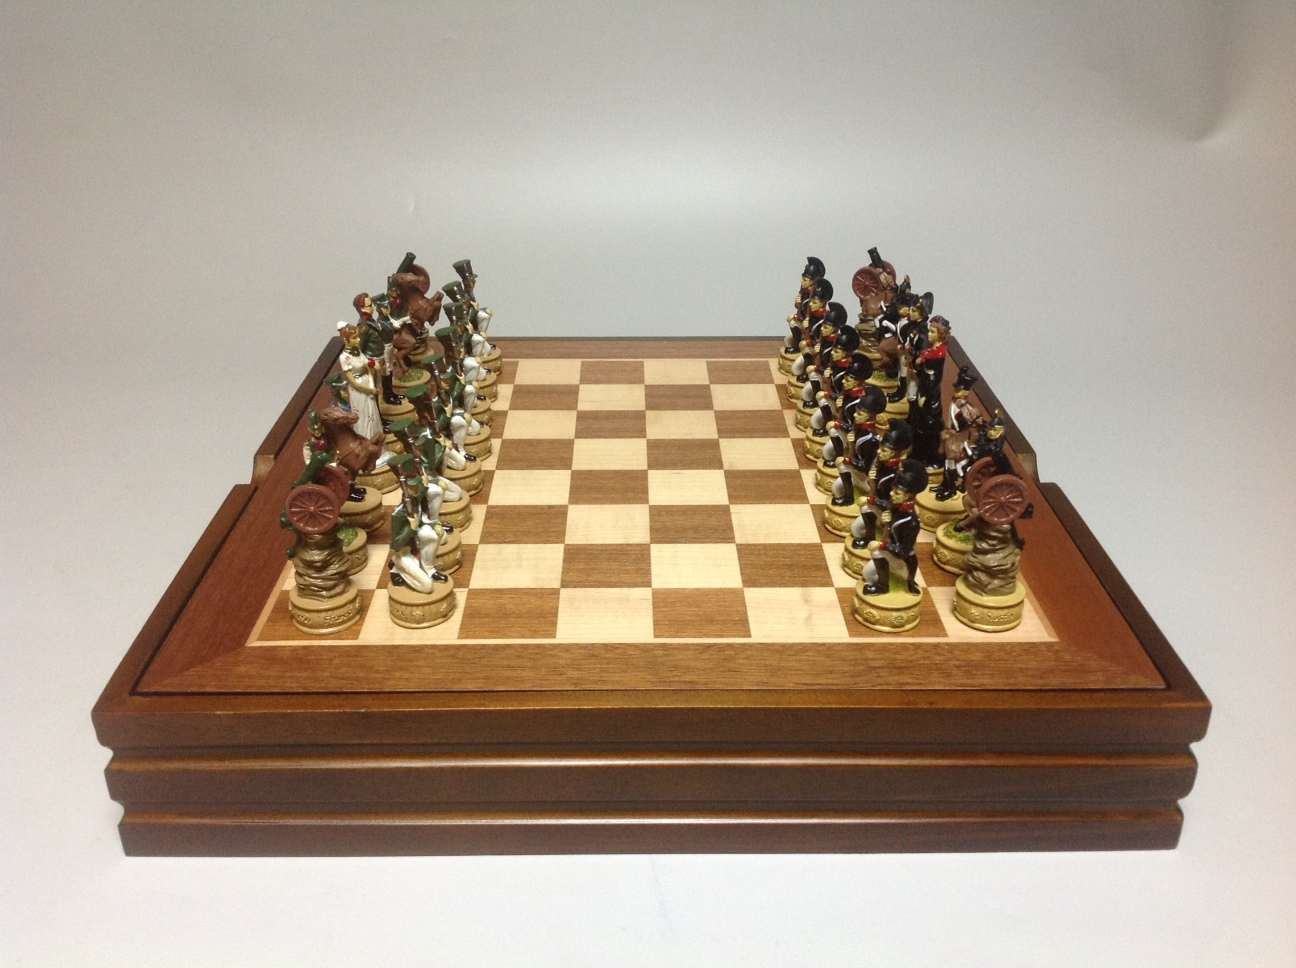 Шахматный ларец Наполеон и Кутузов, полистоун